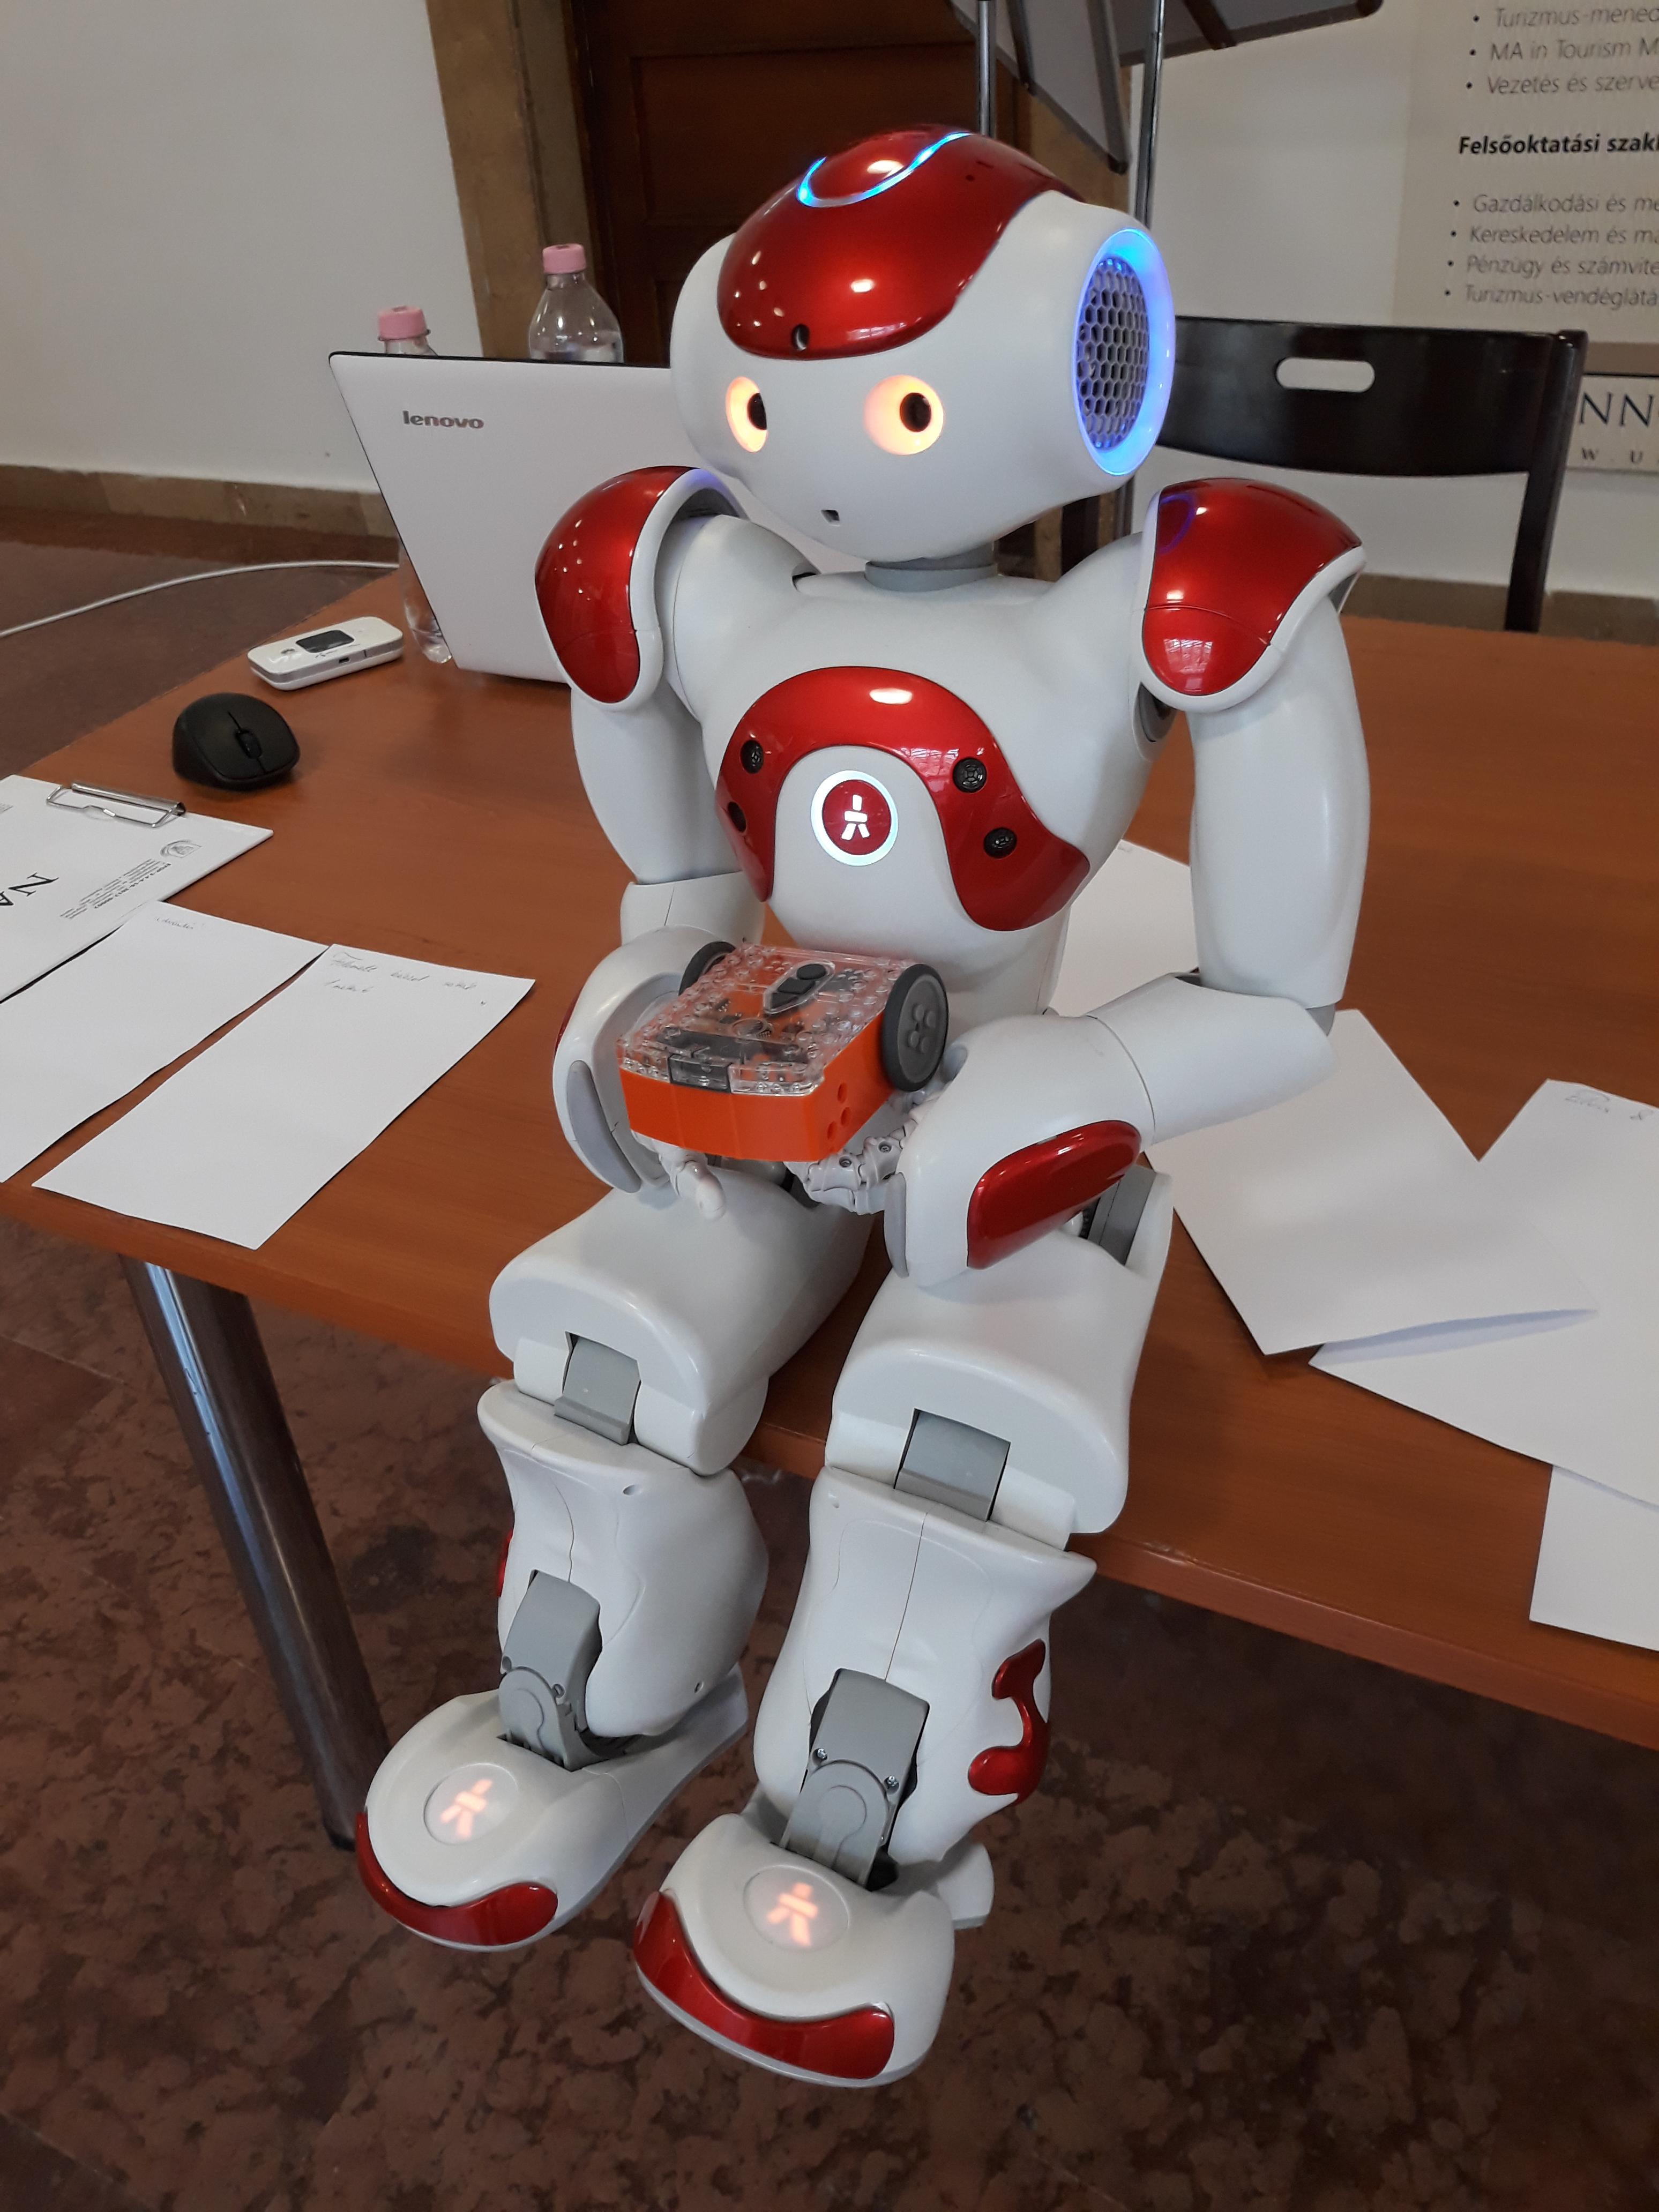 robot ideghálózatok kereskedelme)